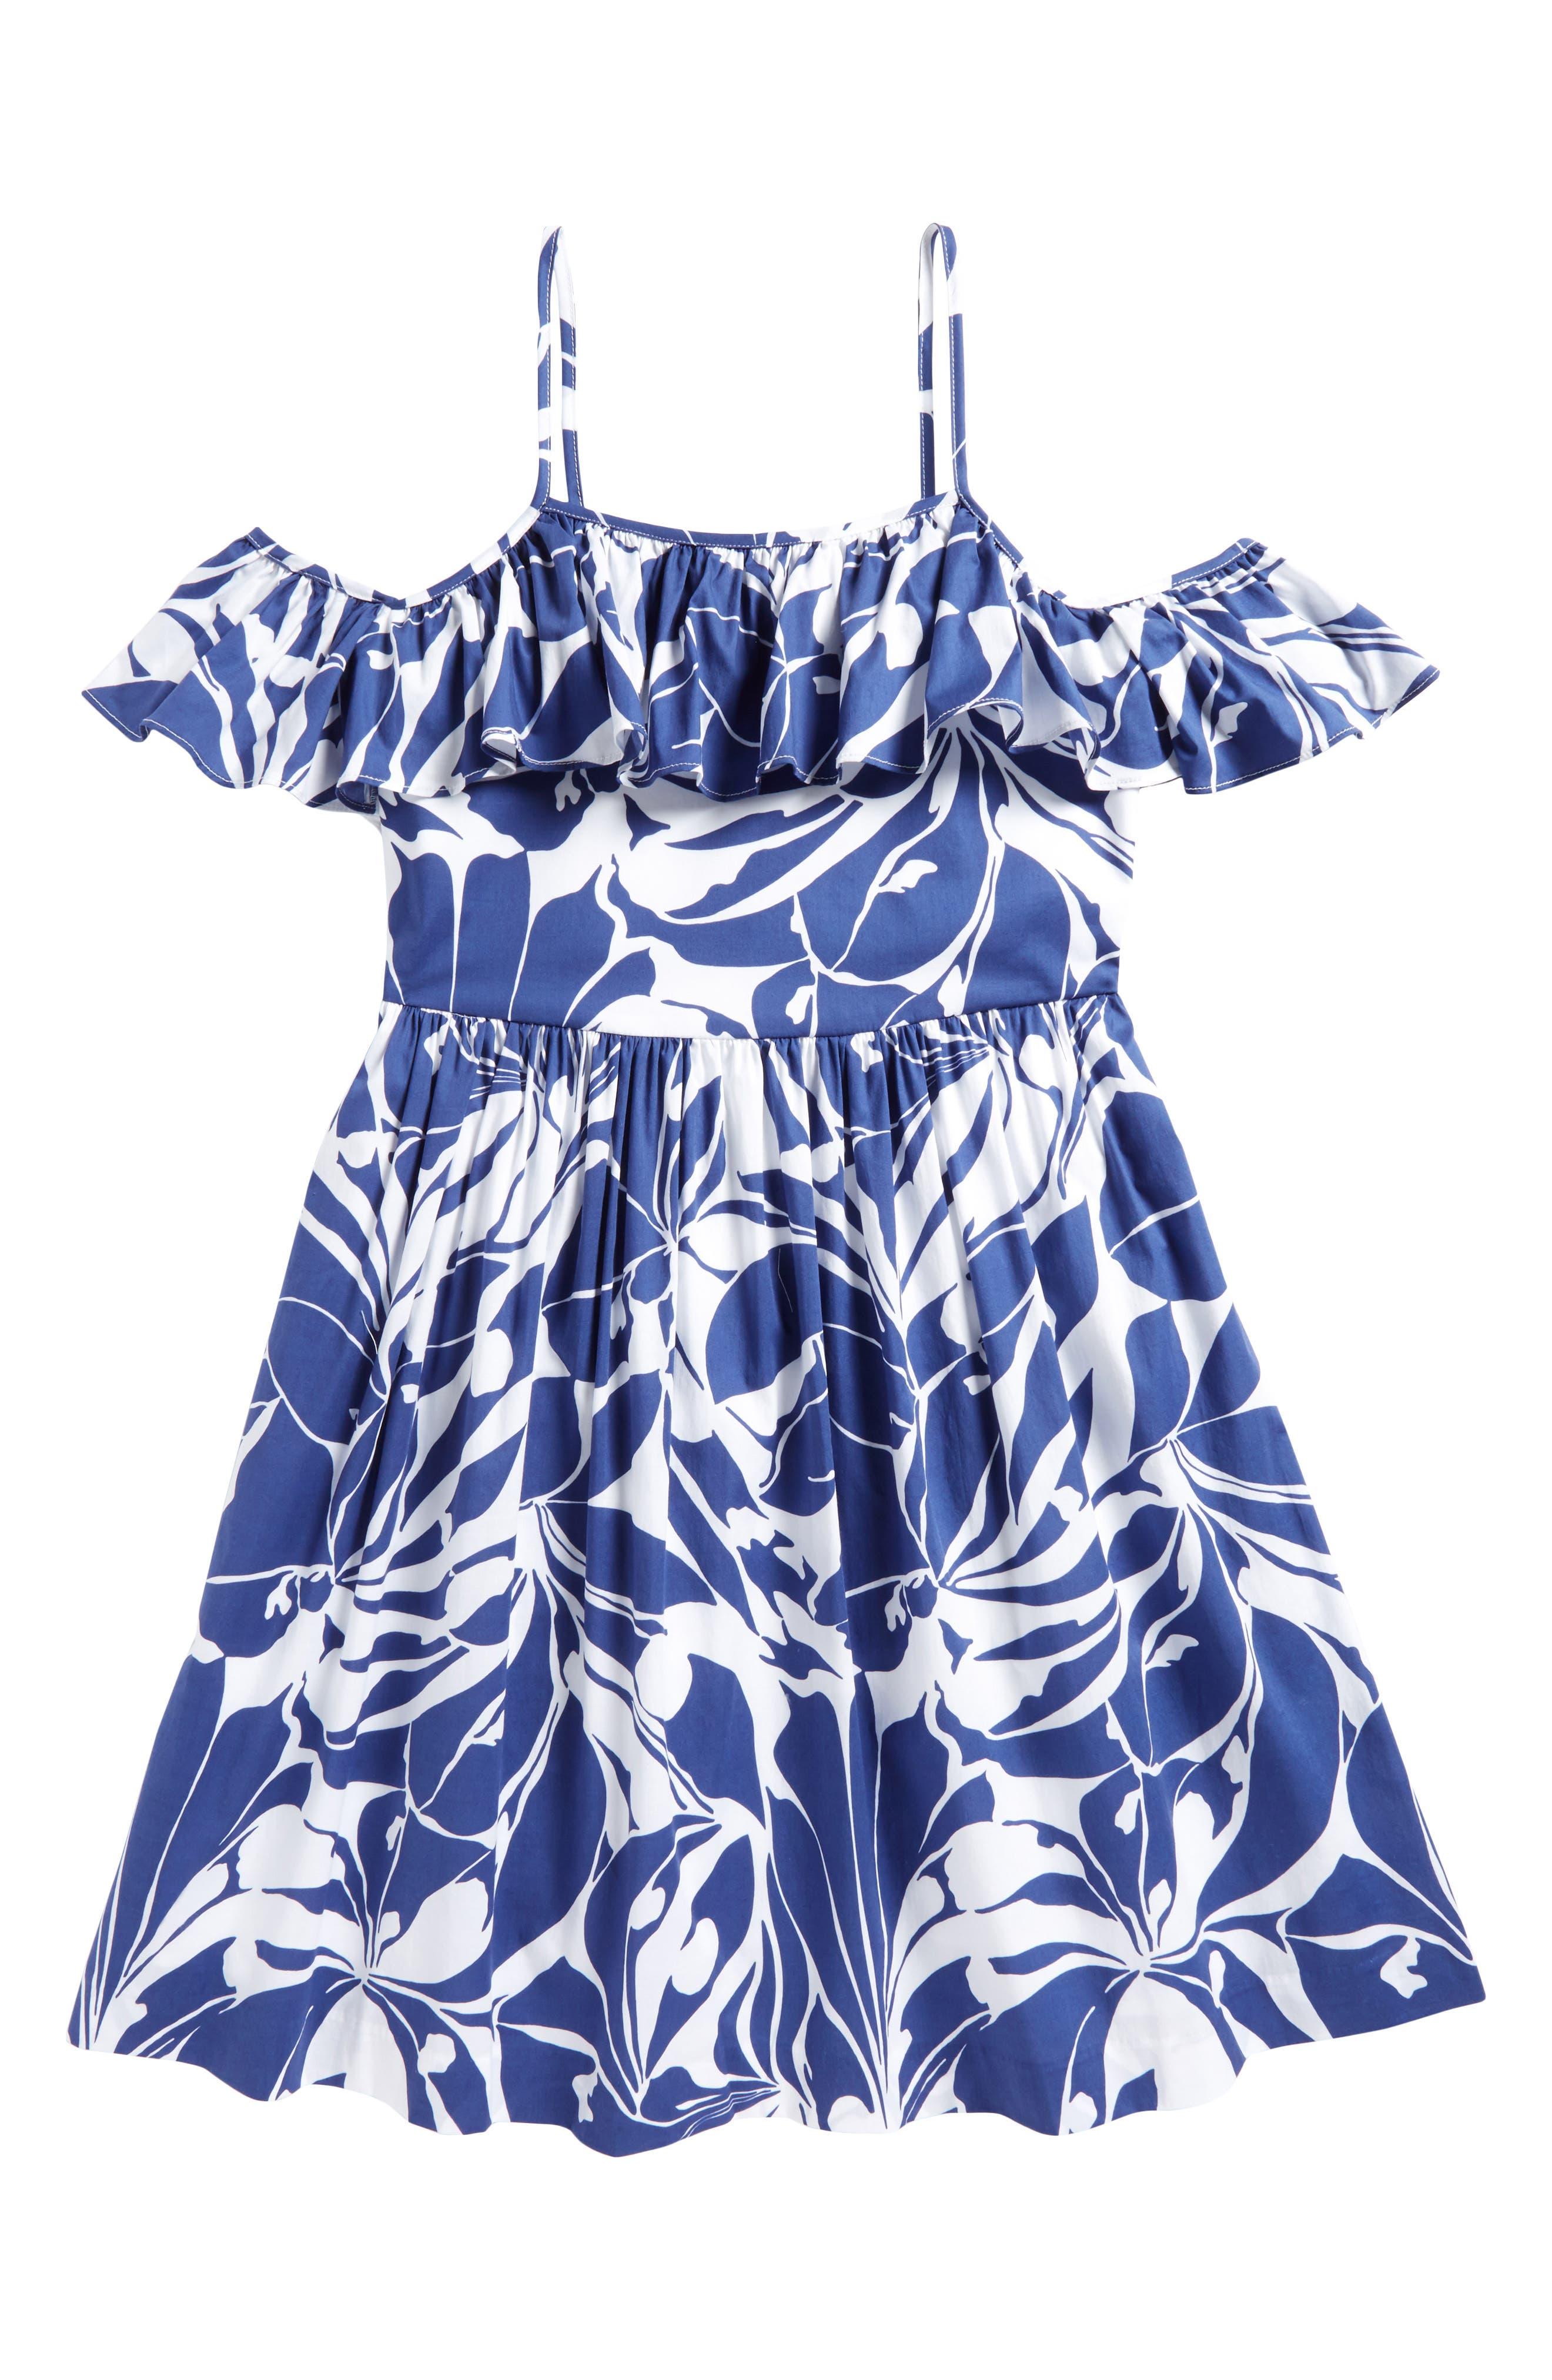 Bella Cold Shoulder Dress,                         Main,                         color, Blue/ White